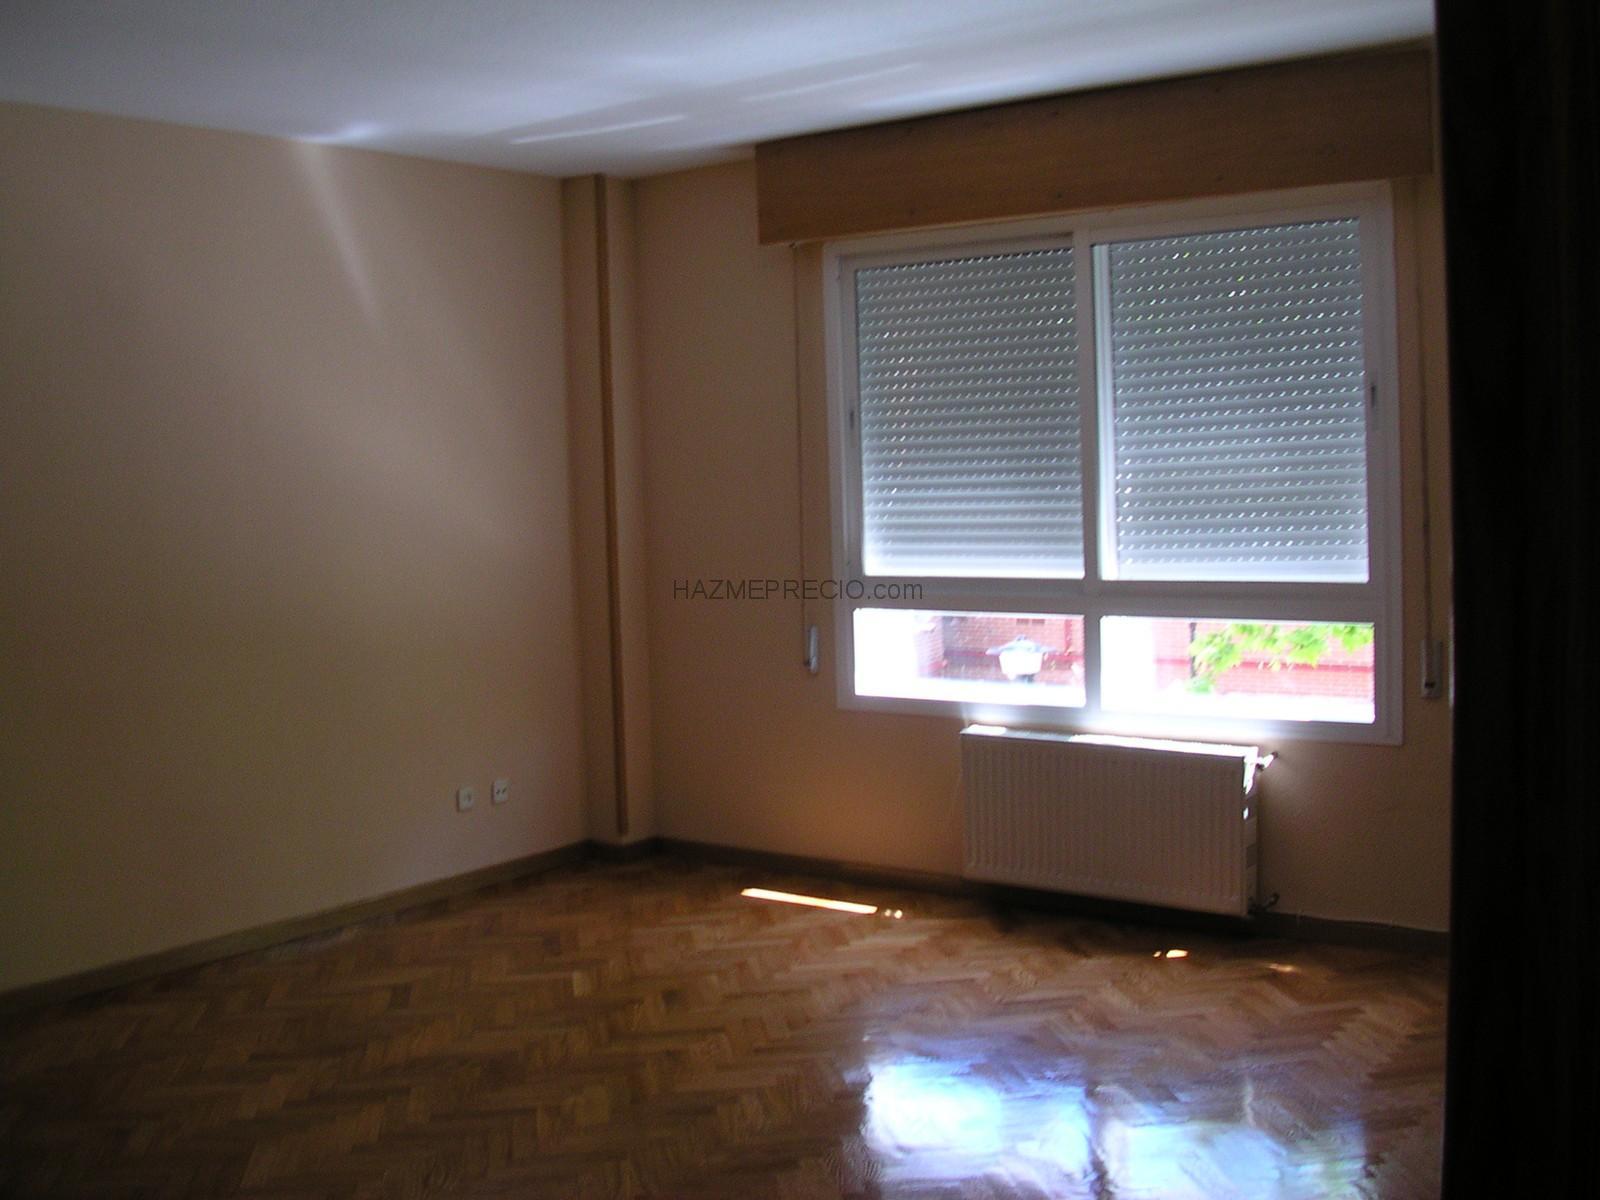 Calentadores solares pintura para insonorizar - Insonorizar una pared ...